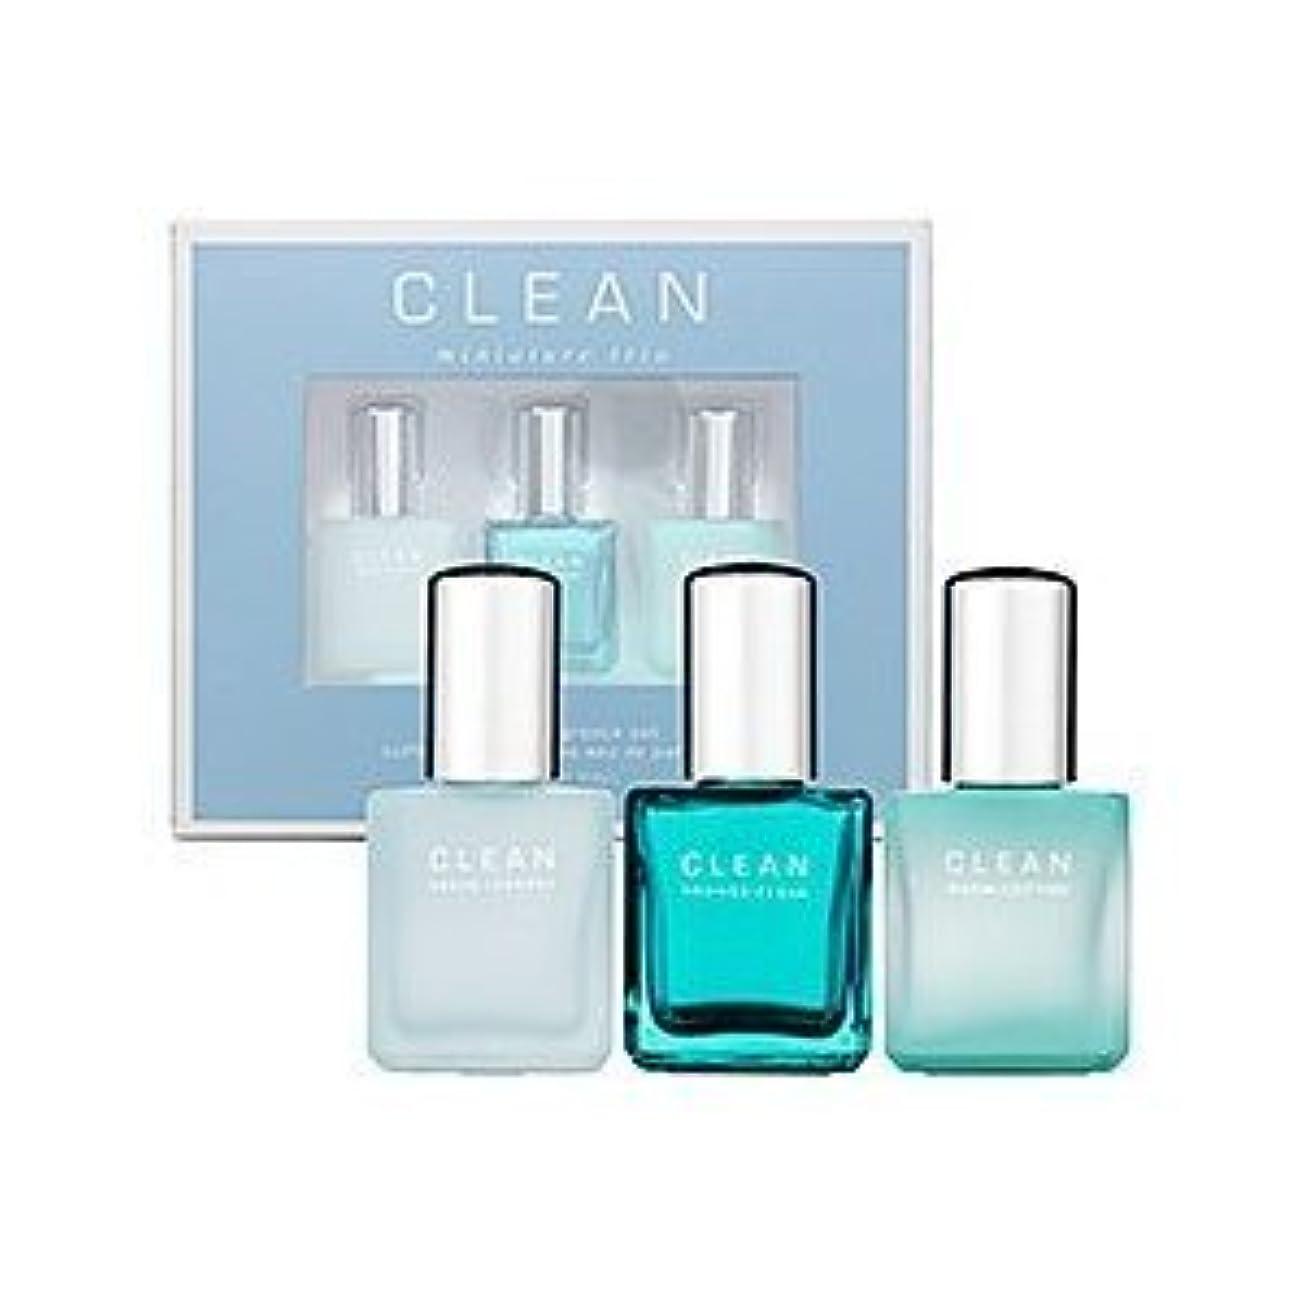 ぴかぴか増幅器感覚Clean Miniature Trio (クリーン ミニチュア トリオ) by Clean